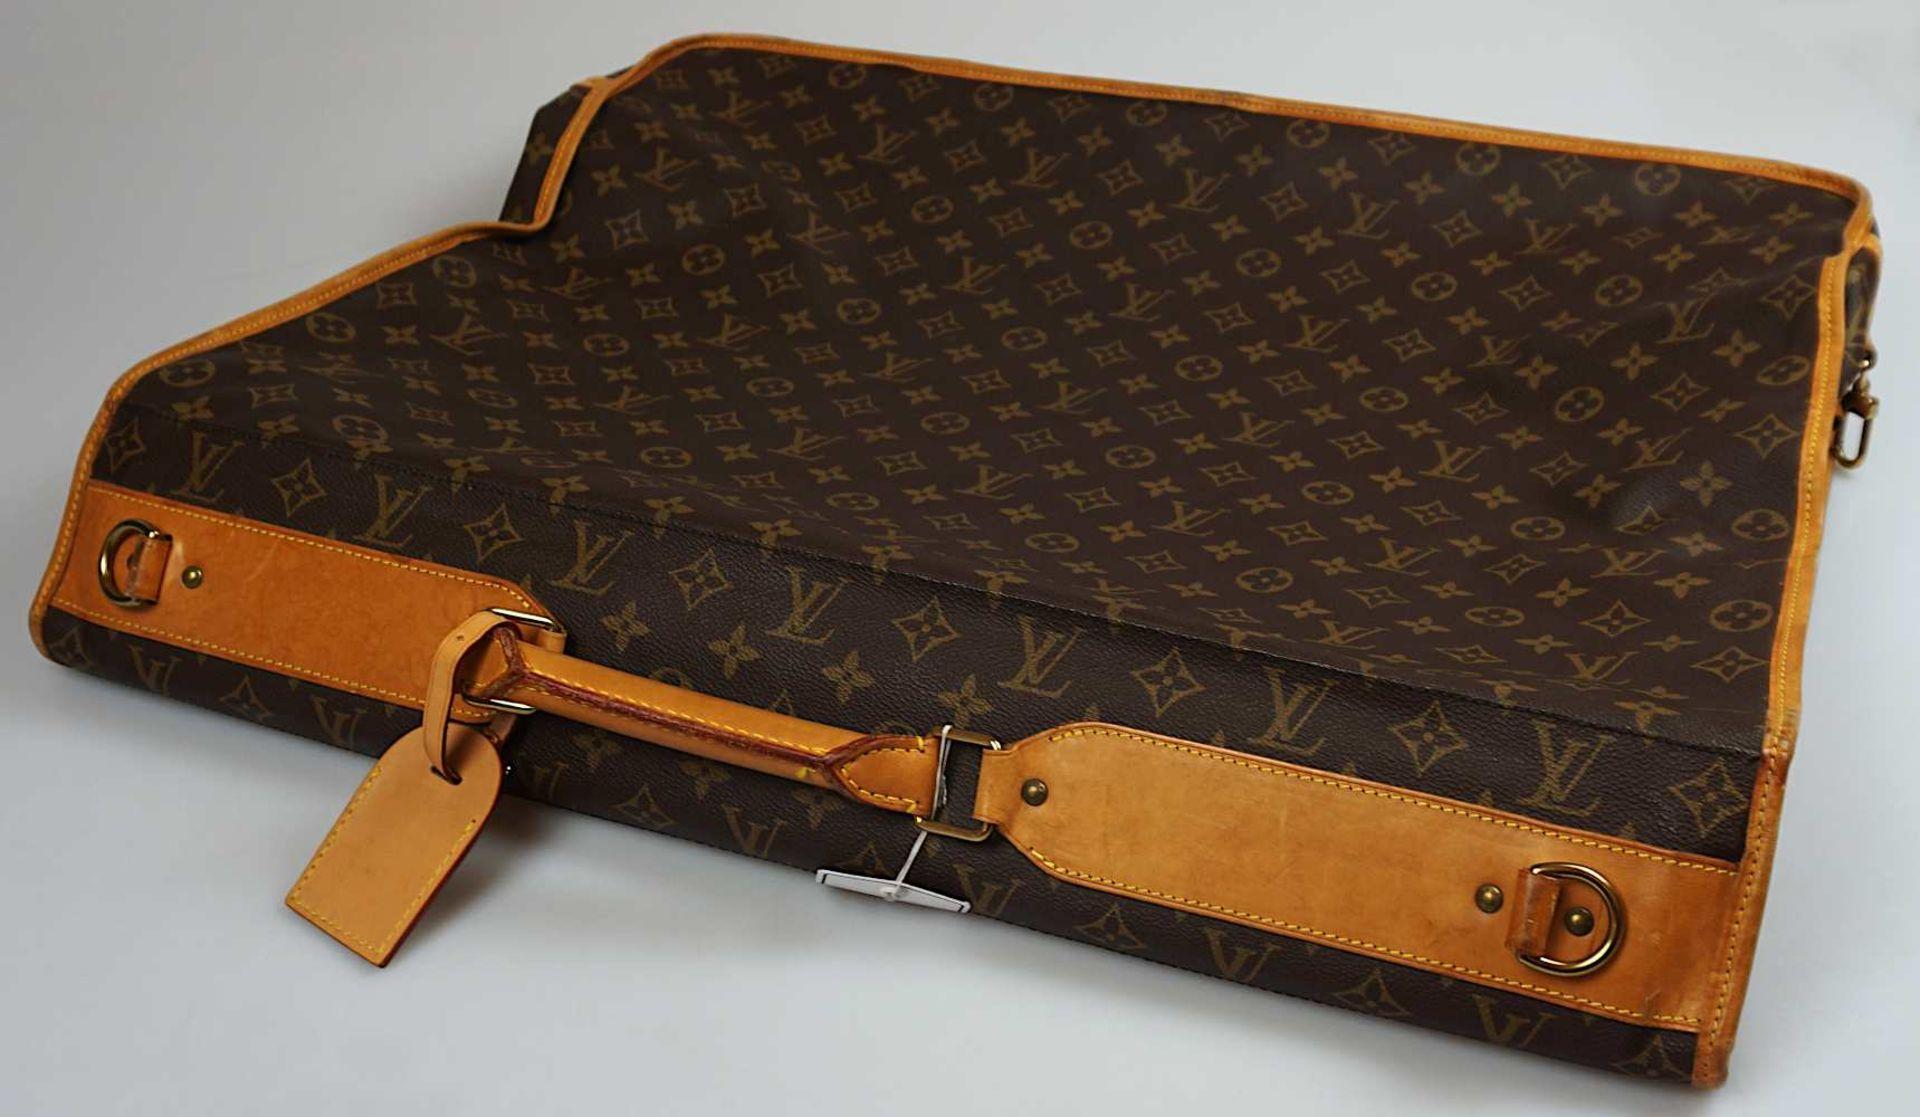 1 Kleidersack LOUIS VUITTON u.a. sichtbare Gsp. - Bild 3 aus 5